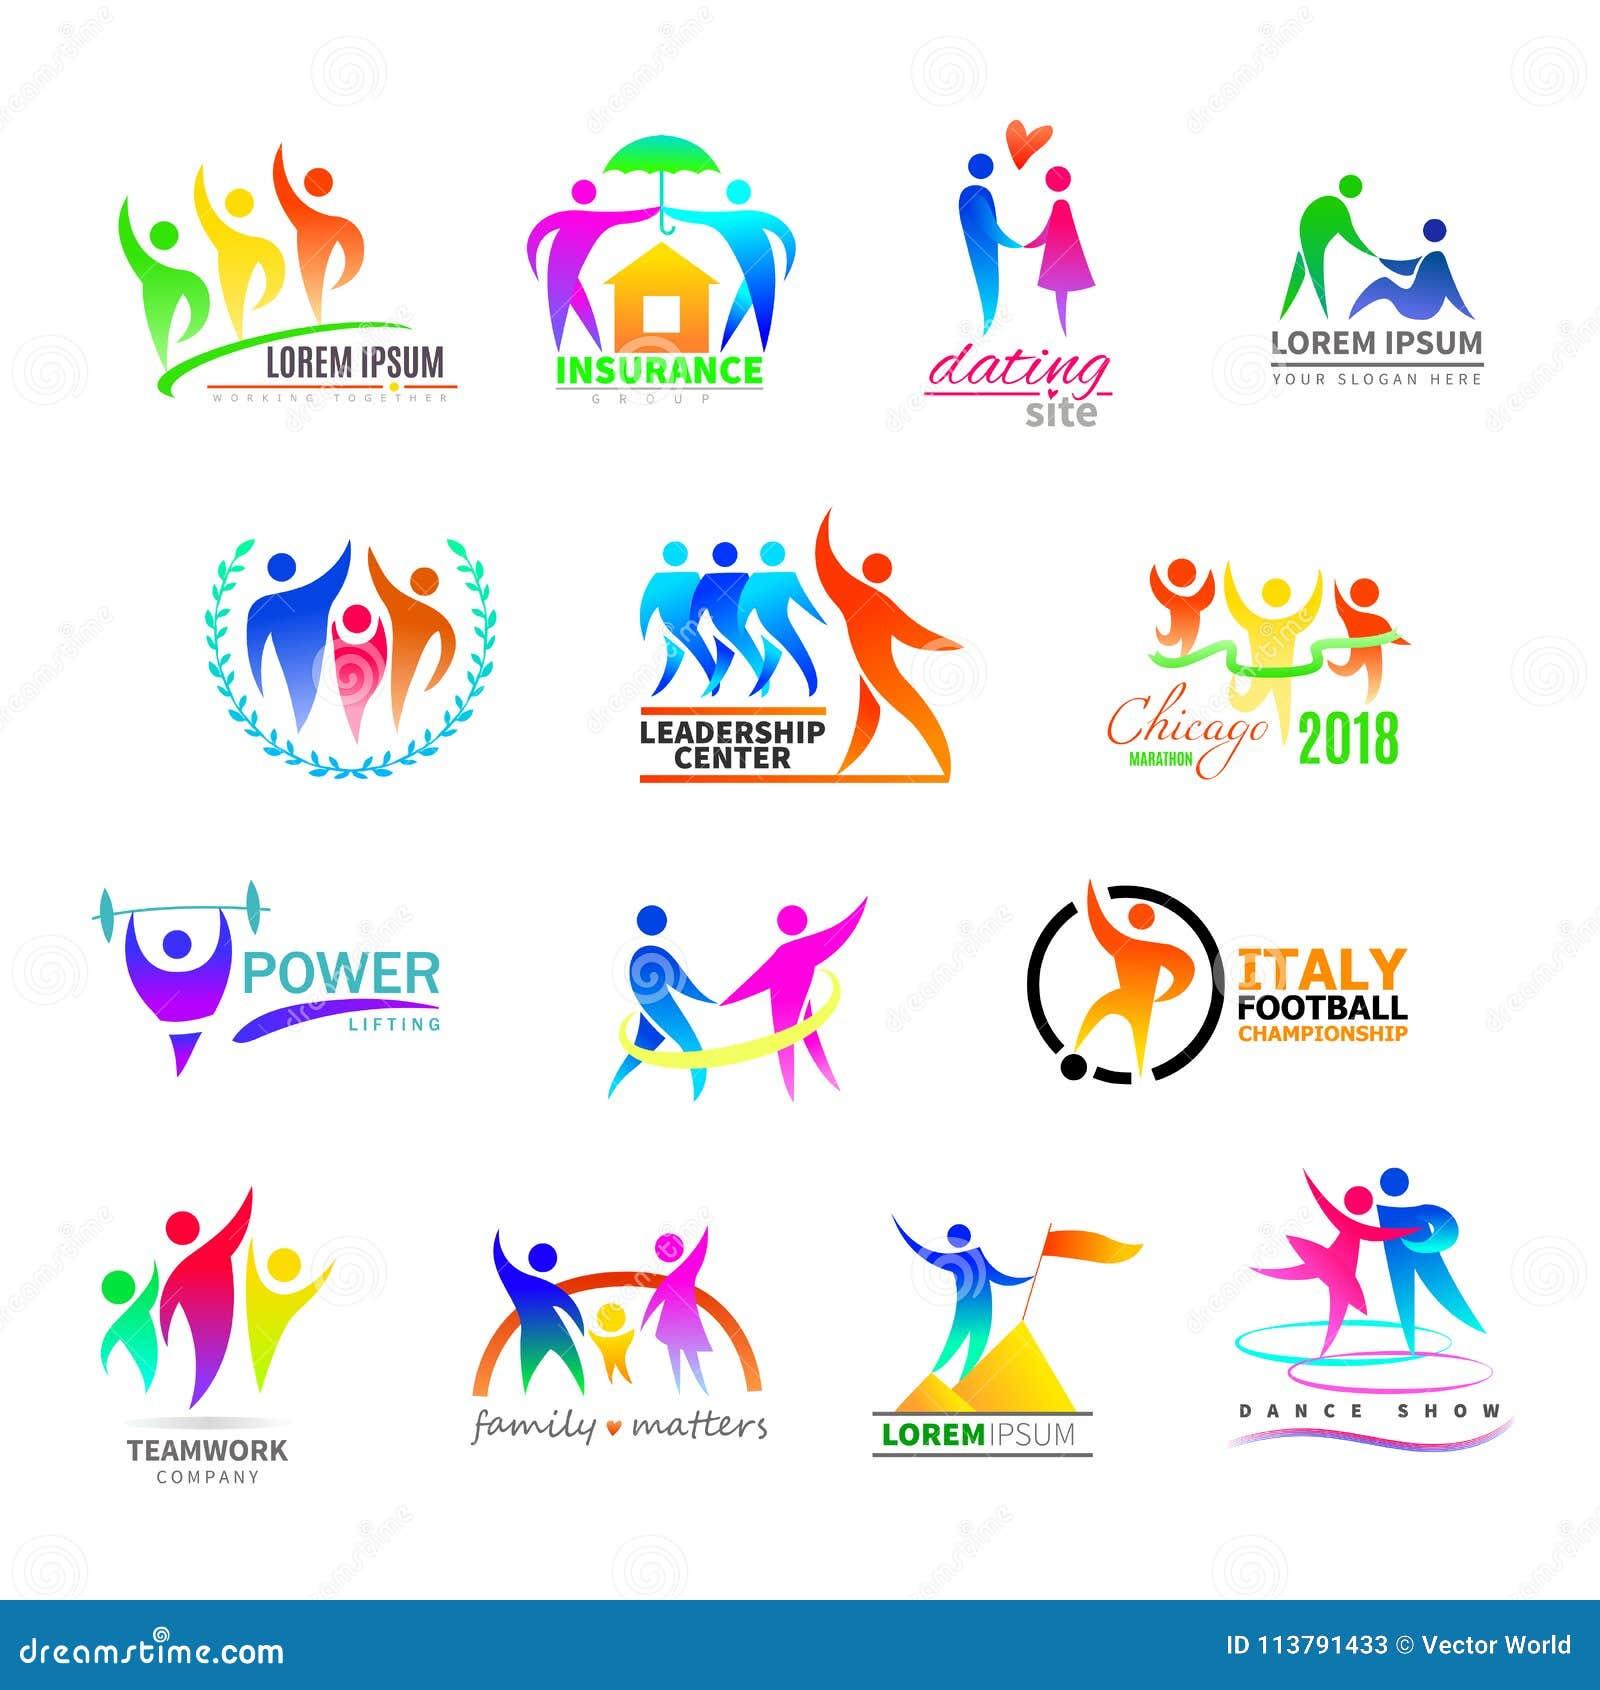 Αθλητισμός χρονολόγηση site online dating σε Κοϊμπατόρε Ταμίλ Ναντού